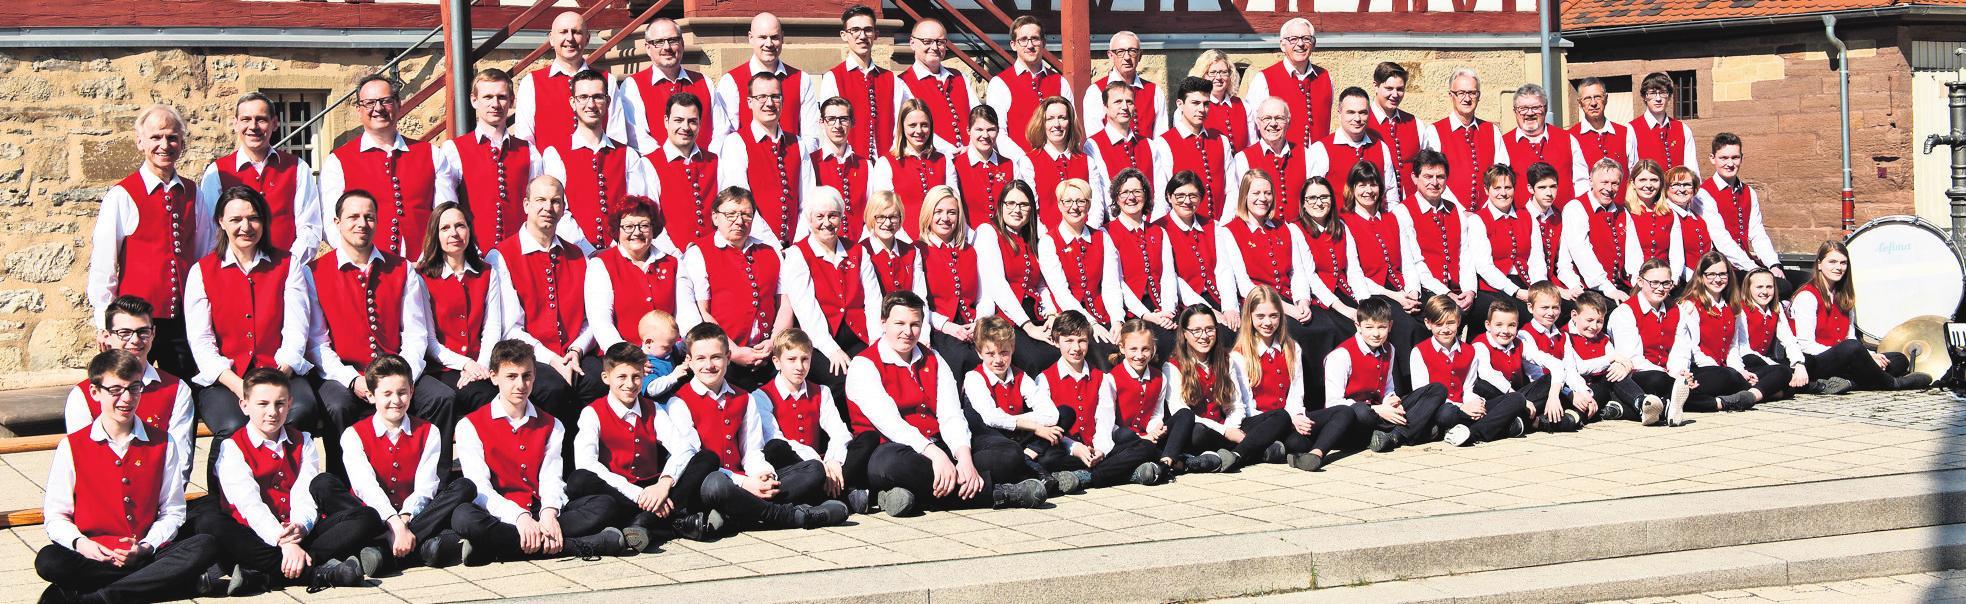 Ob Jung oder Alt, sie alle vereint ihre Leidenschaft zur Musik. Fotos: Musikverein Münchingen